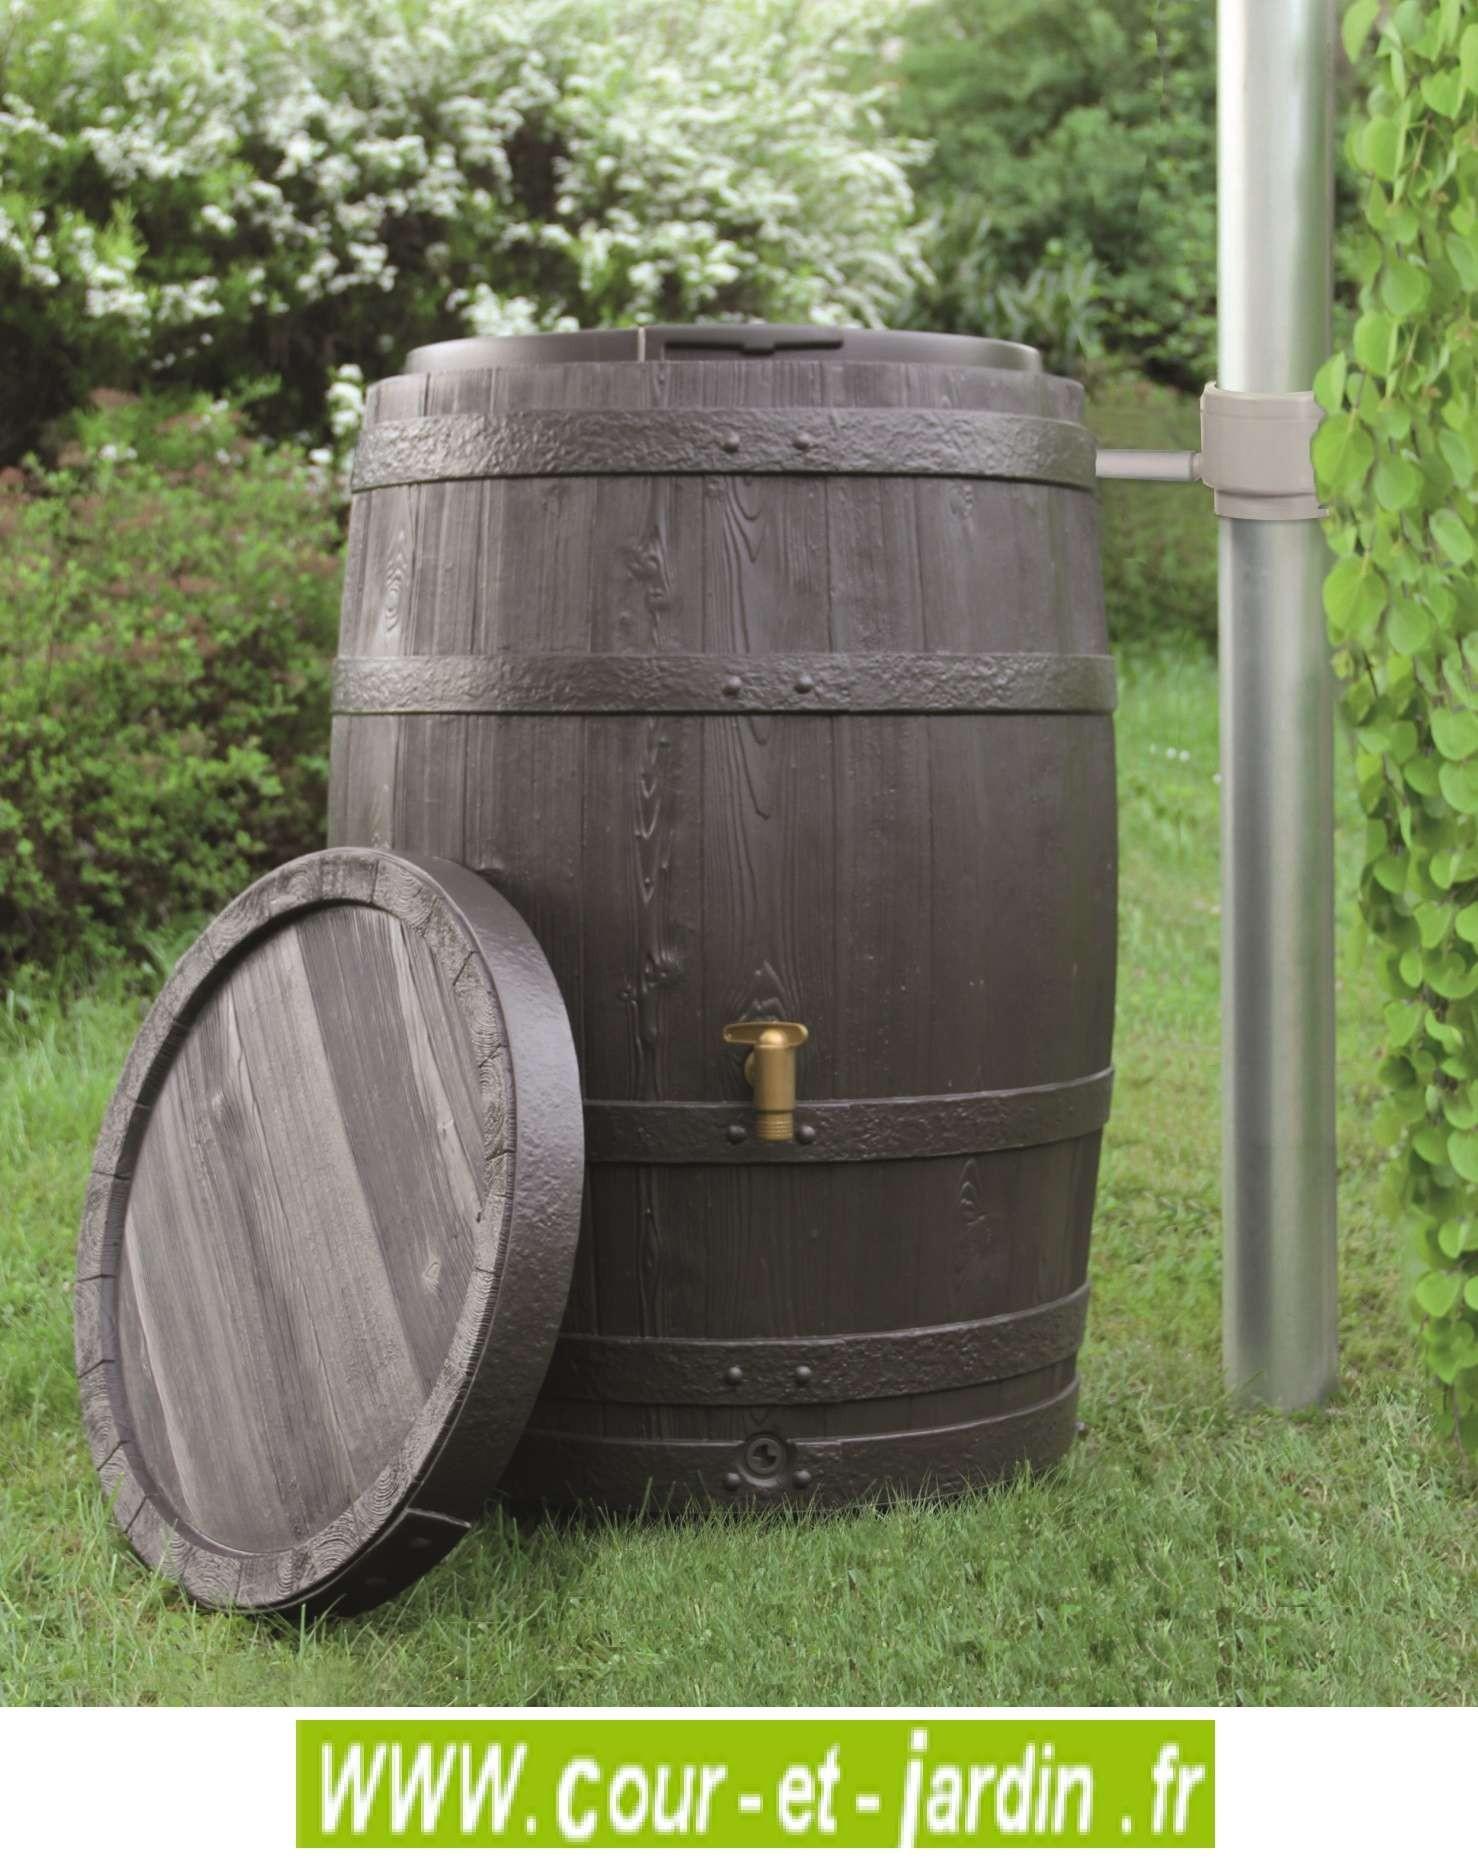 Recuperateur eau de pluie TONNEAU VINO de 250 L / cuve eau de pluie